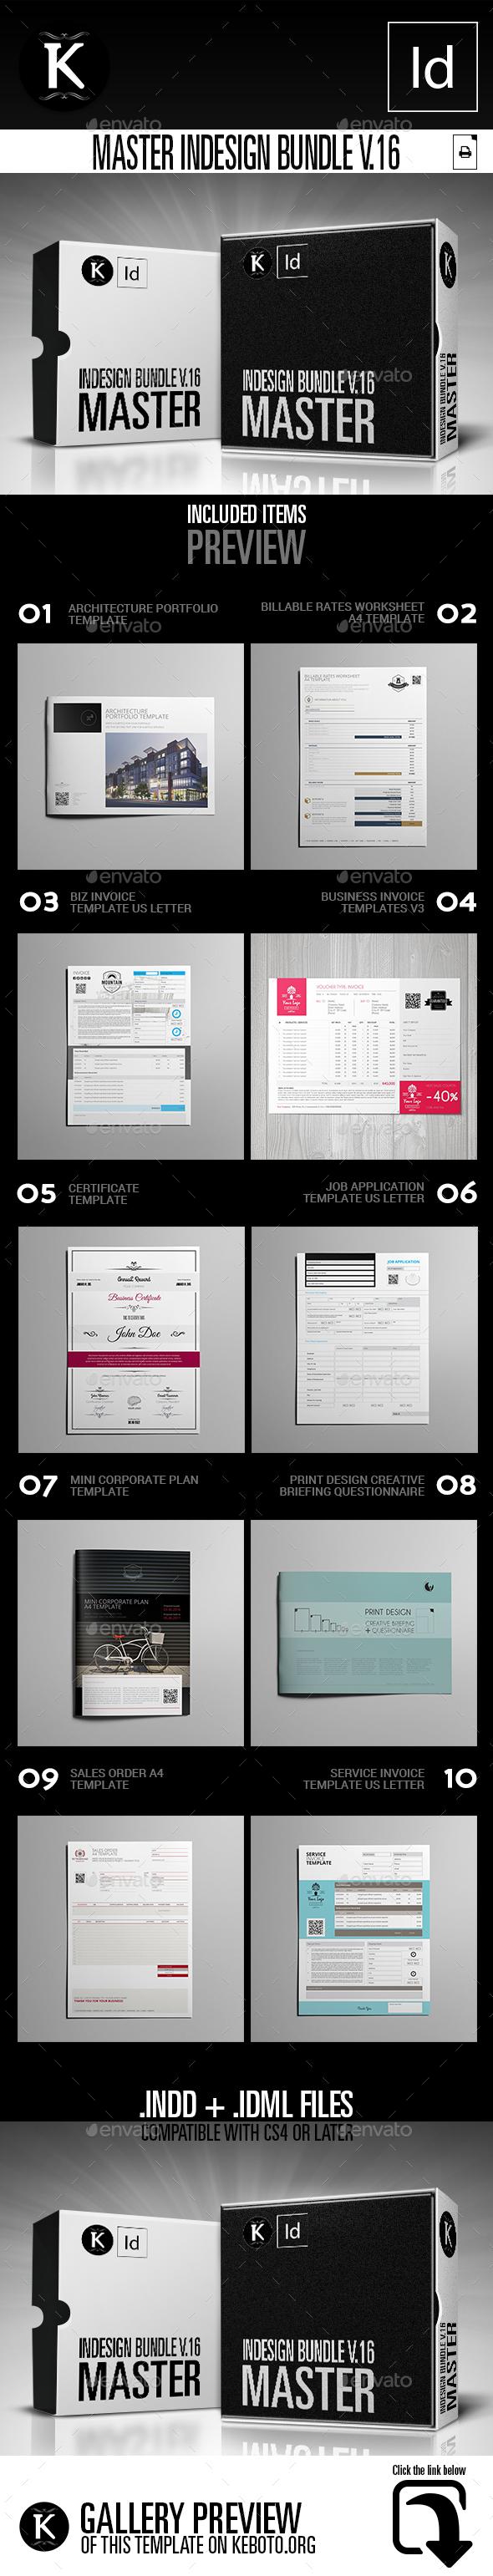 Master inDesign Bundle v.16 - Print Templates